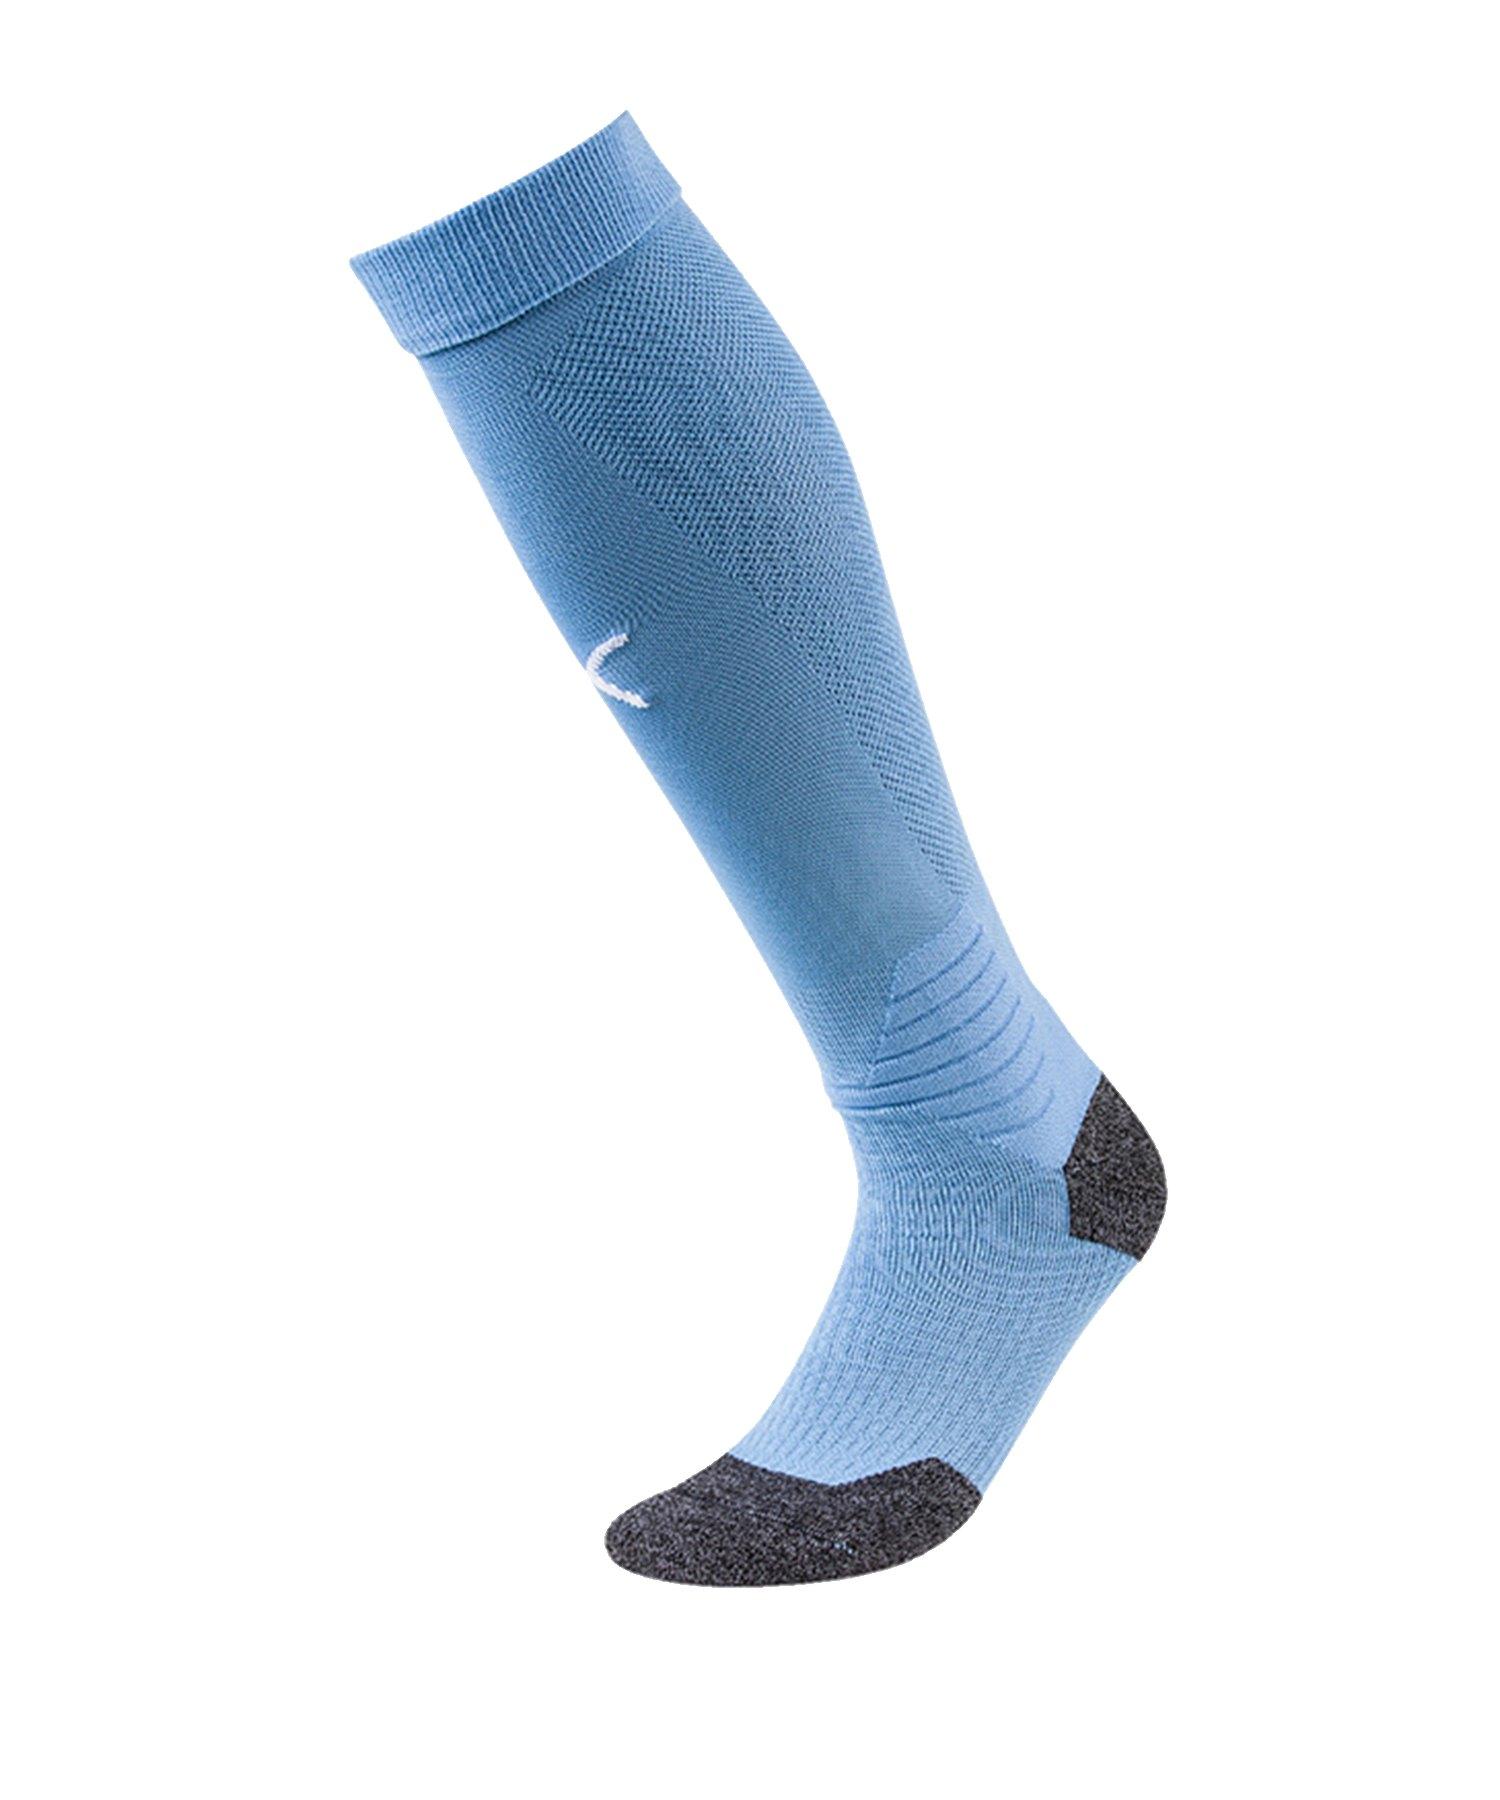 PUMA LIGA Socks Stutzenstrumpf Blau Weiss F18 - blau